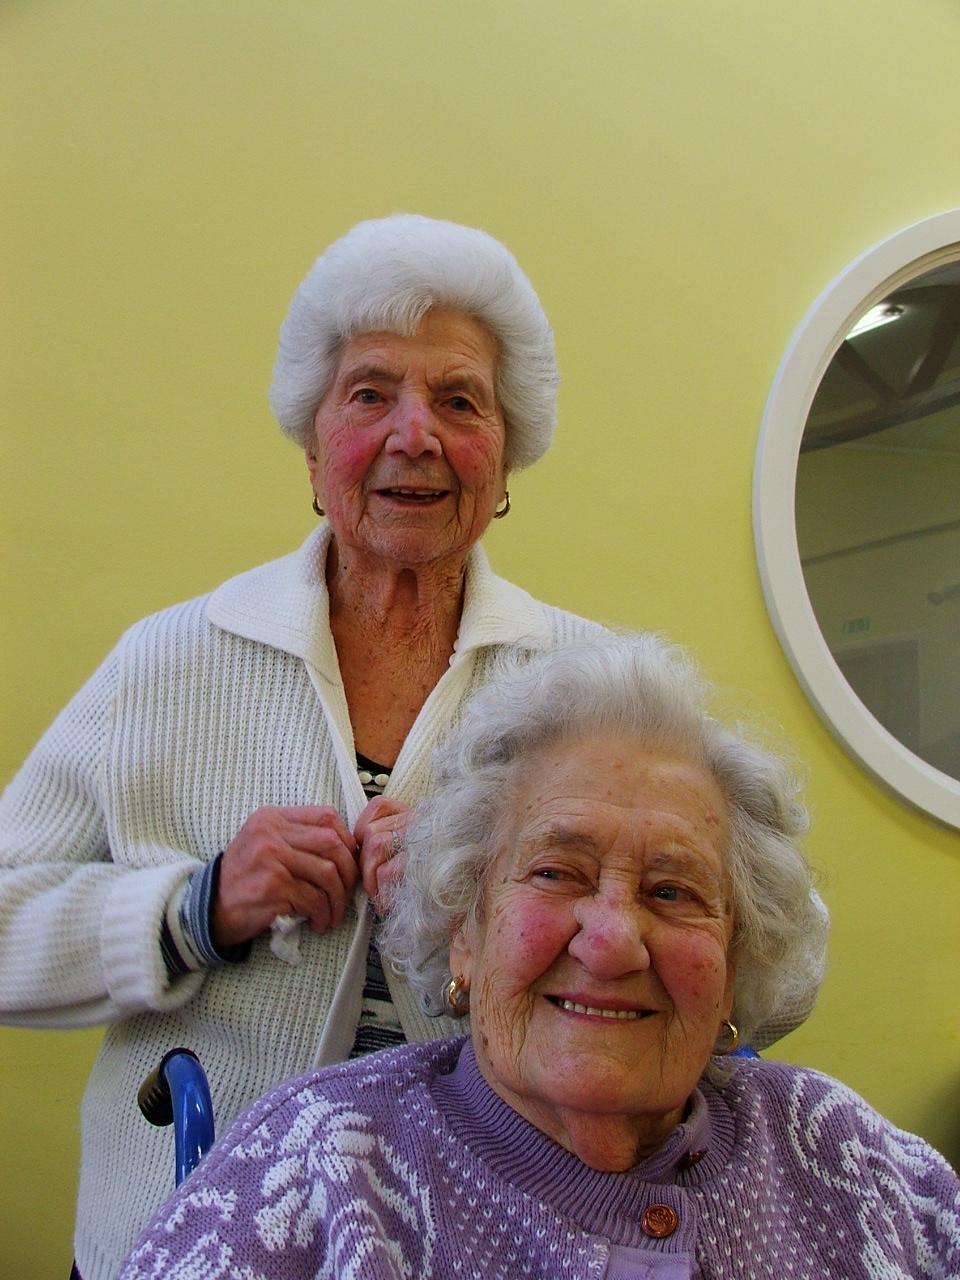 Older-People-Photo-IC-Works.jpg